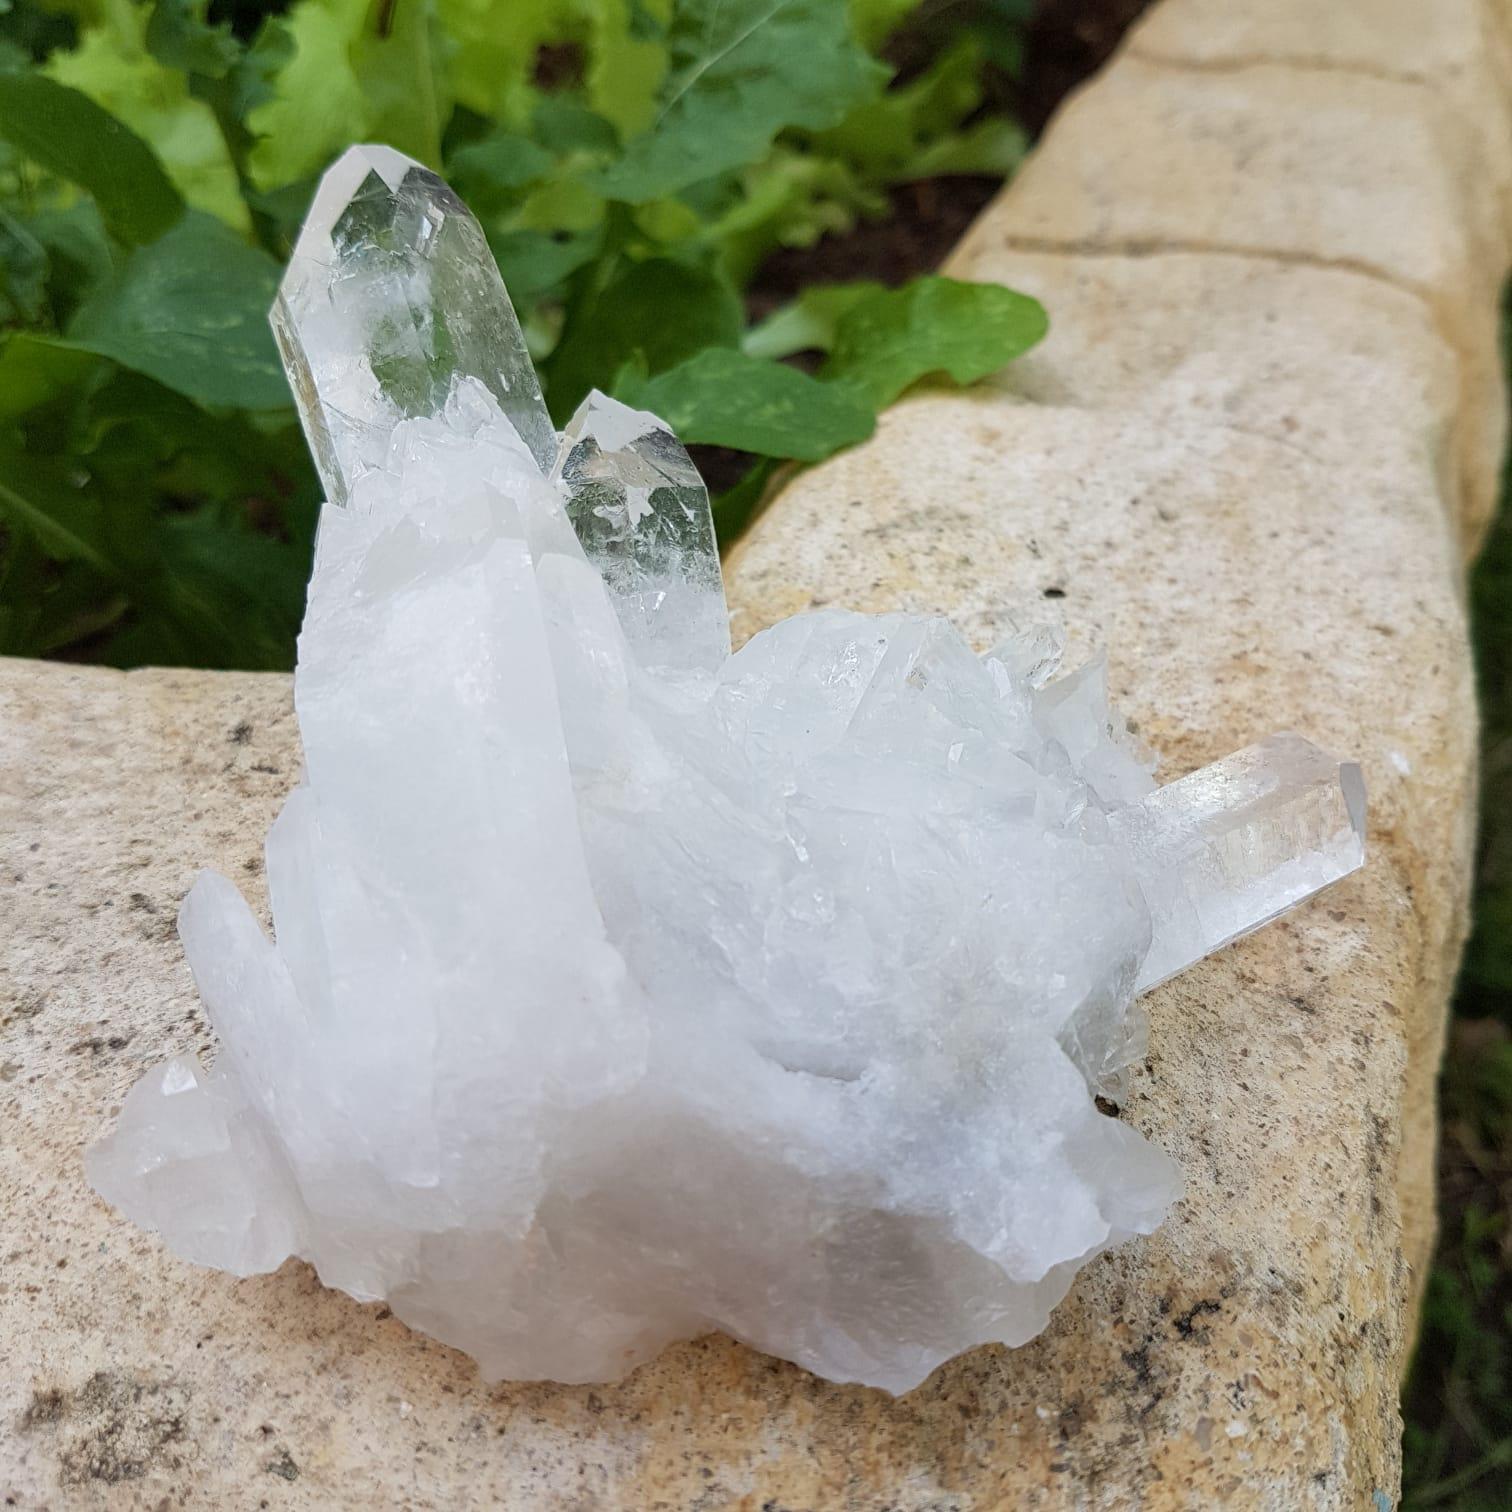 Cristal - Drusa - Quartzo Branco - Canalização de Luz